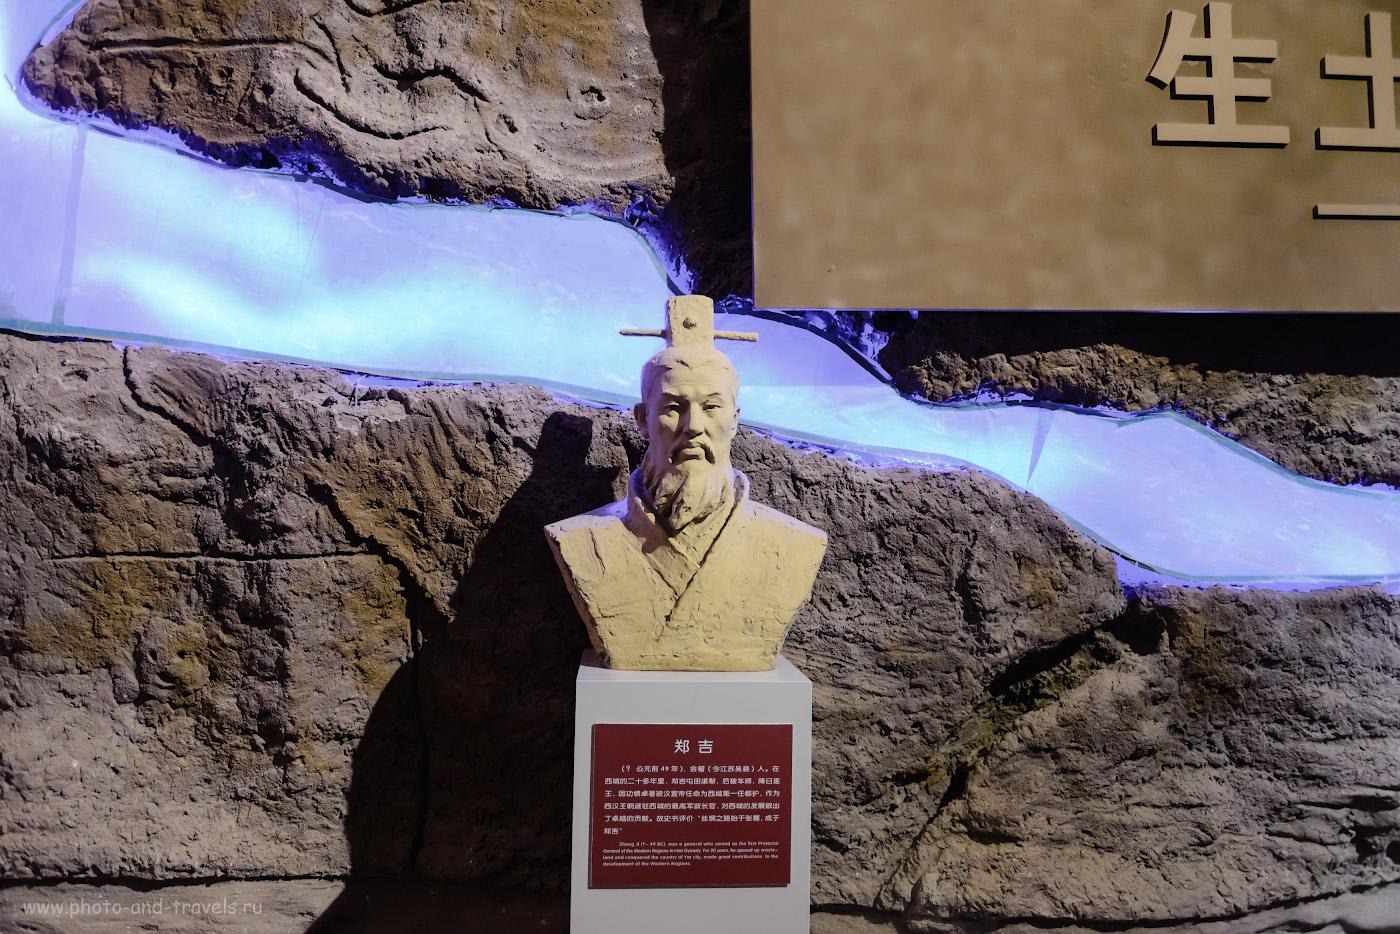 Фото 1. Генерал Zheng Ji, Протектор Западного края (так при династии Хань называли территории Синьцзян-Уйгурского автономного района). Был первым наместником и правил 20 лет. Он завоевал Цзяохэ, и многое сделал для развития Западных территорий. Камера Nikon D610, объектив Nikon 24-70mm f/2.8G. Параметры: выдержка 1/50, экспокоррекция +0.67EV, f/2.8, ISO 4000, фокусное расстояние 26.